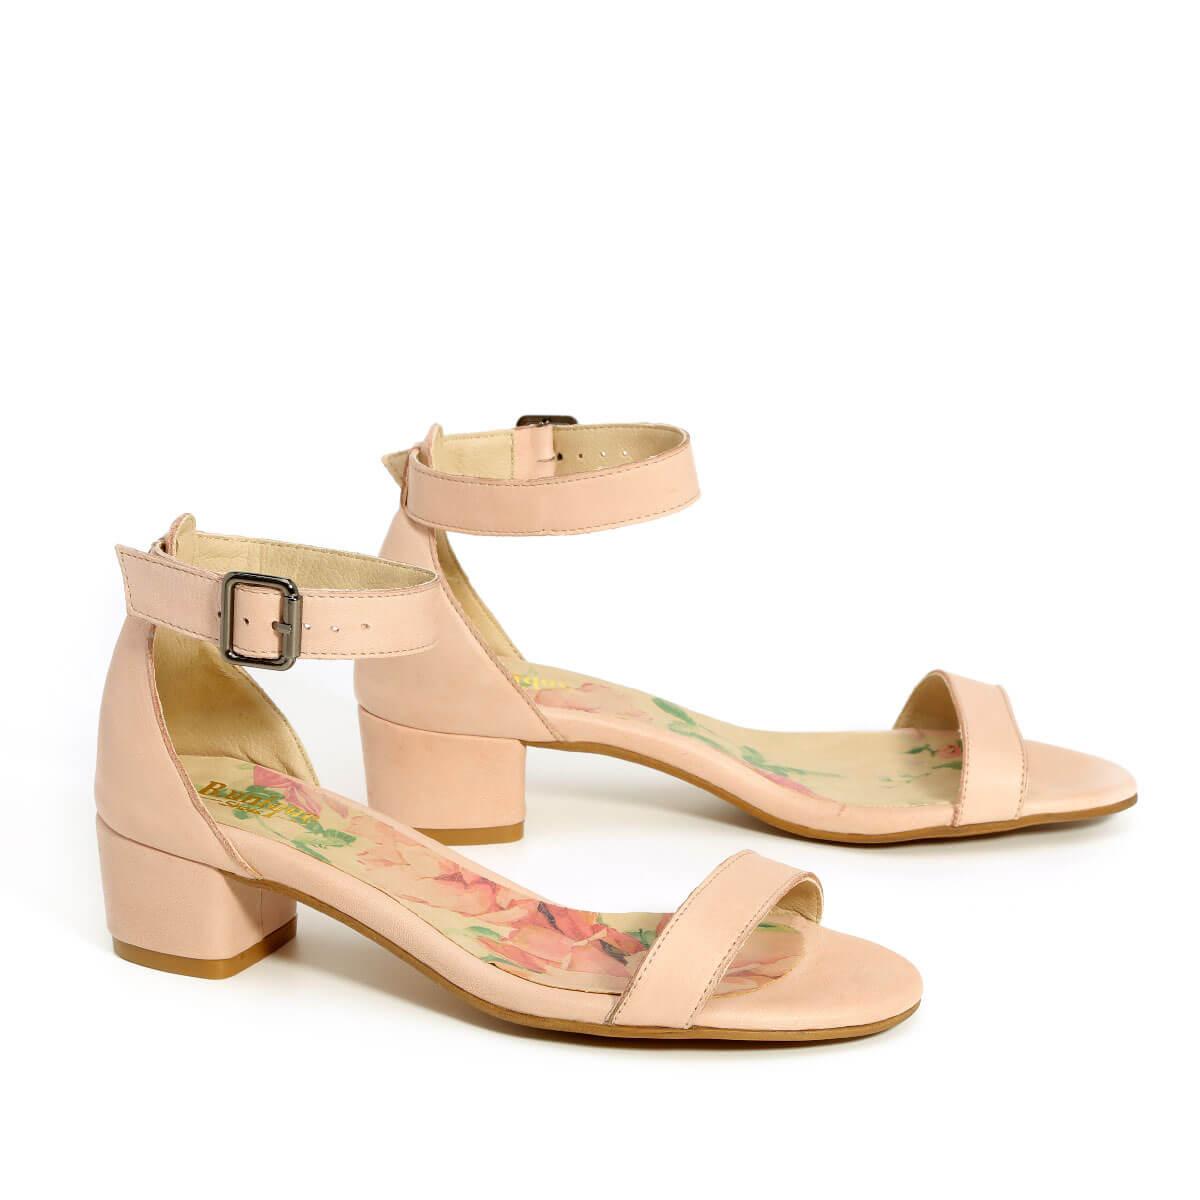 דגם דליה: נעלי עקב בצבע ניוד